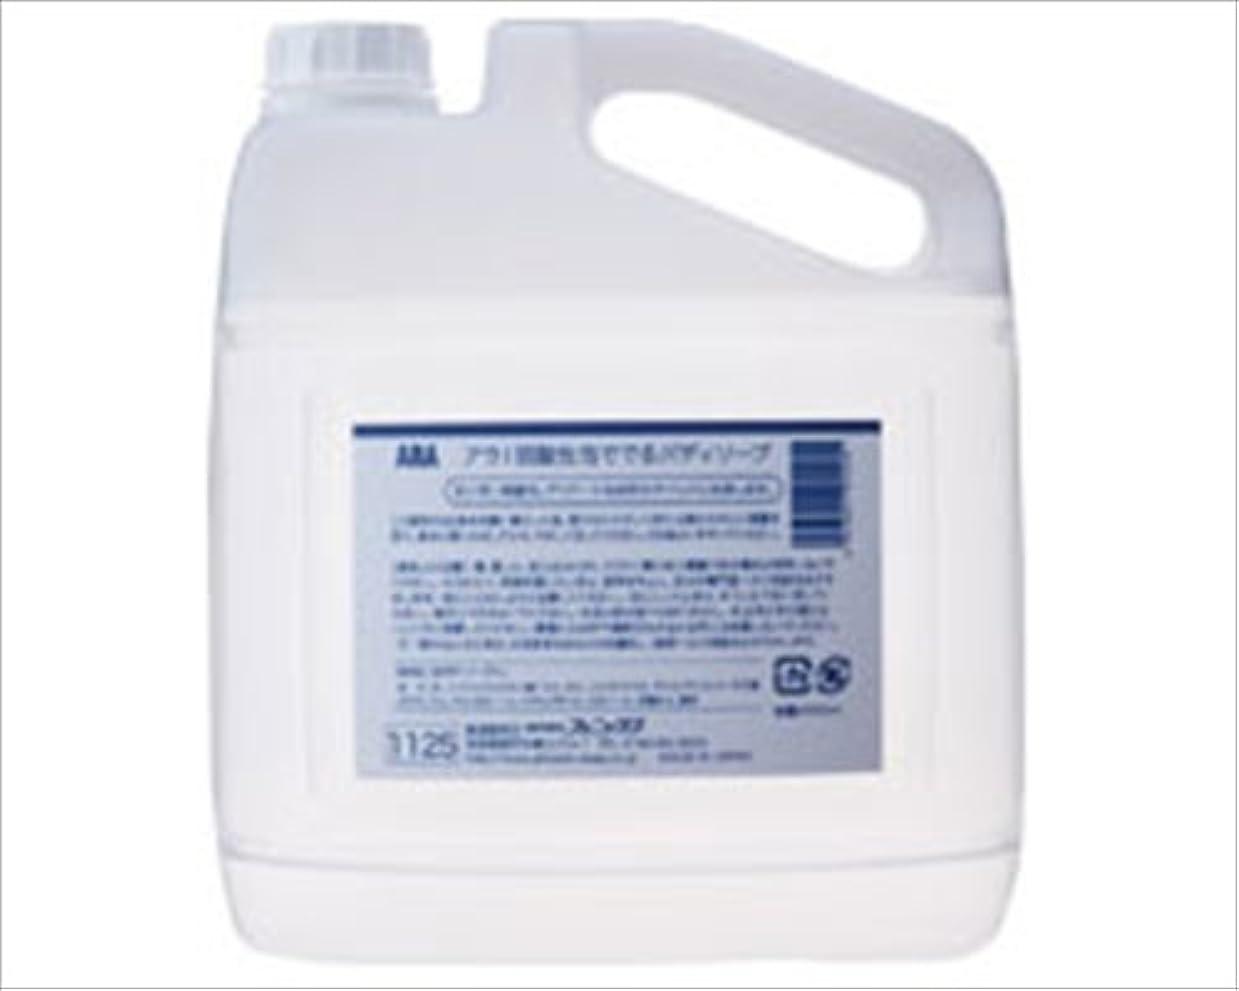 してはいけない損失炎上弱酸性泡ででるボディソープ (アラ) 4L /7-2238-02